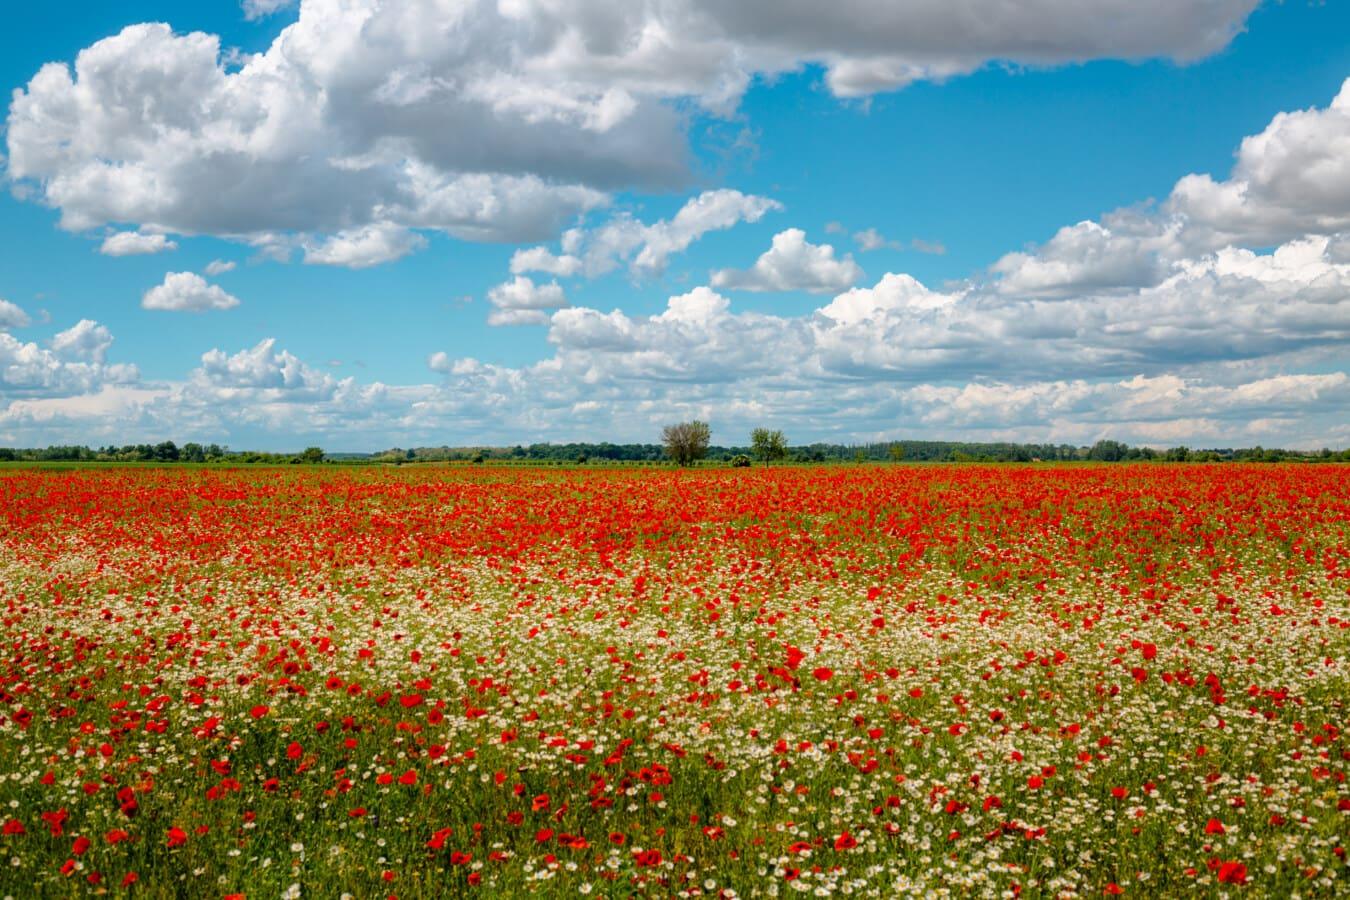 Mohn, Feld, Kamille, Ackerland, landwirtschaftlich, Blume, Landschaft, Natur, Wiese, Gras